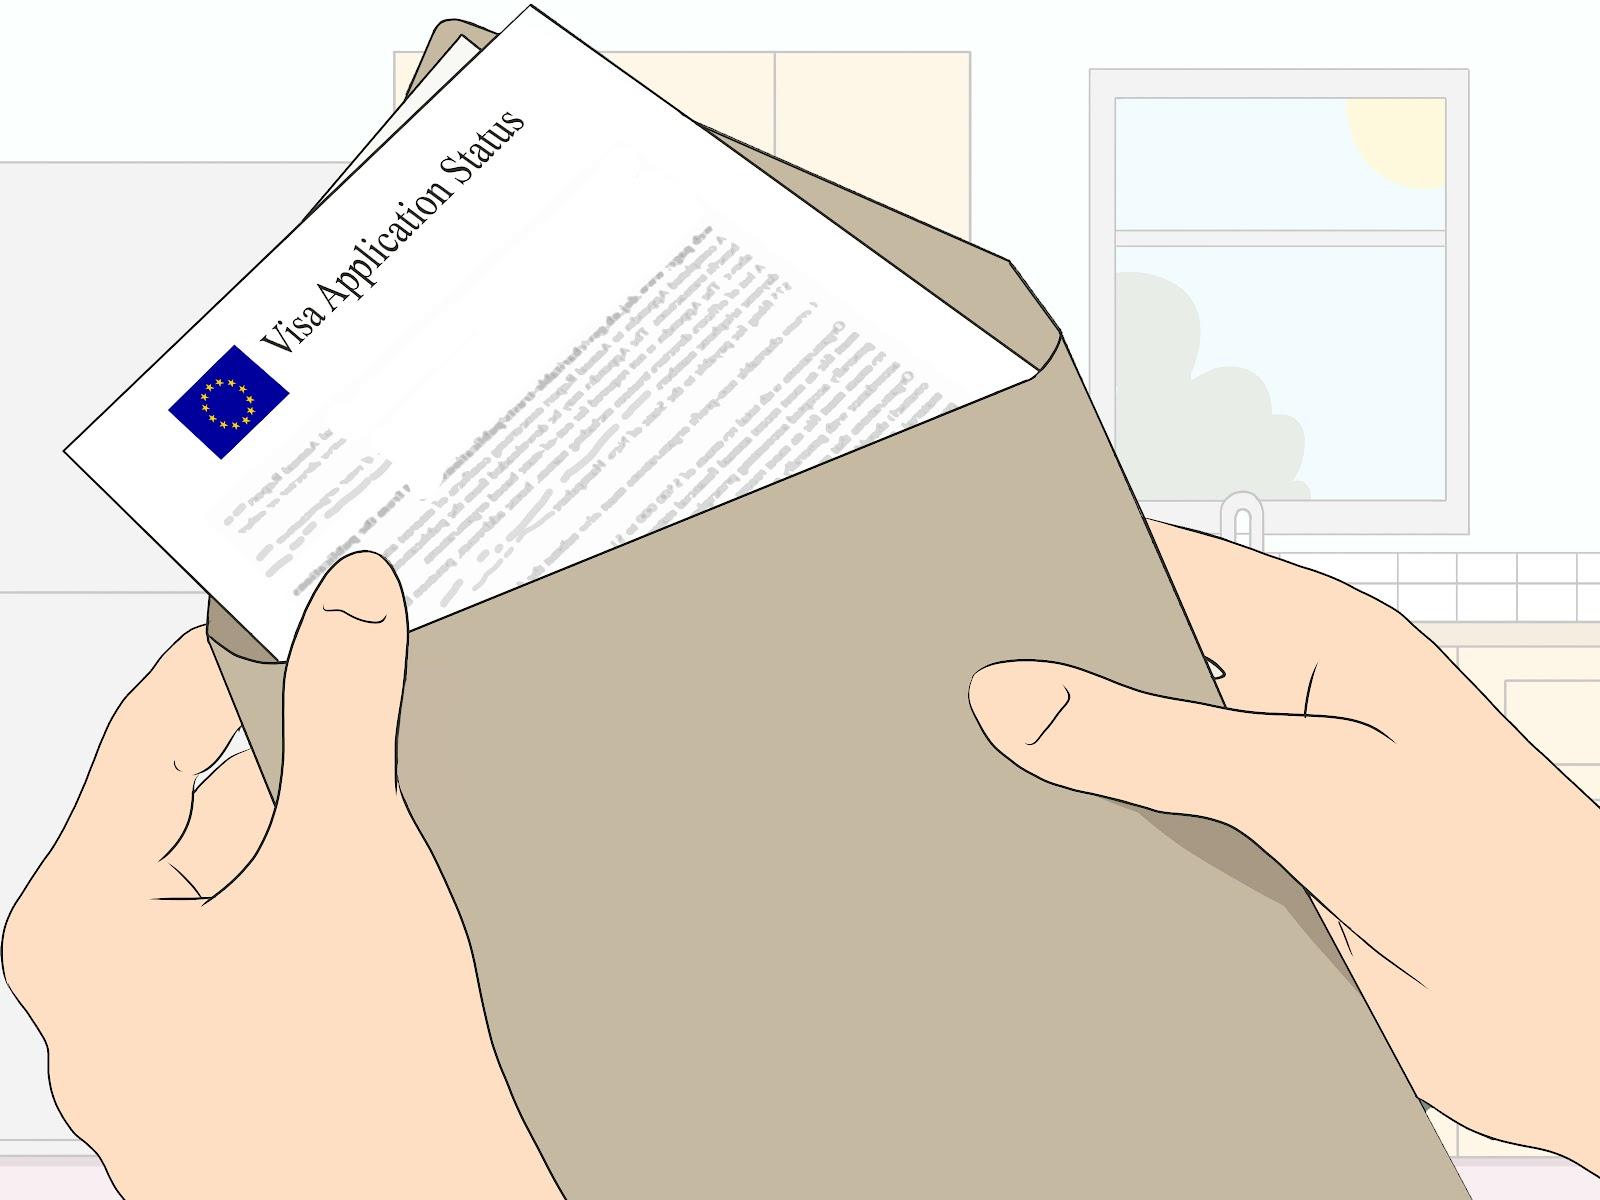 Bạn cần chuẩn bị đầy đủ các loại giấy tờ nếu muốn xin visa du học nghề điều dưỡng tại Đức